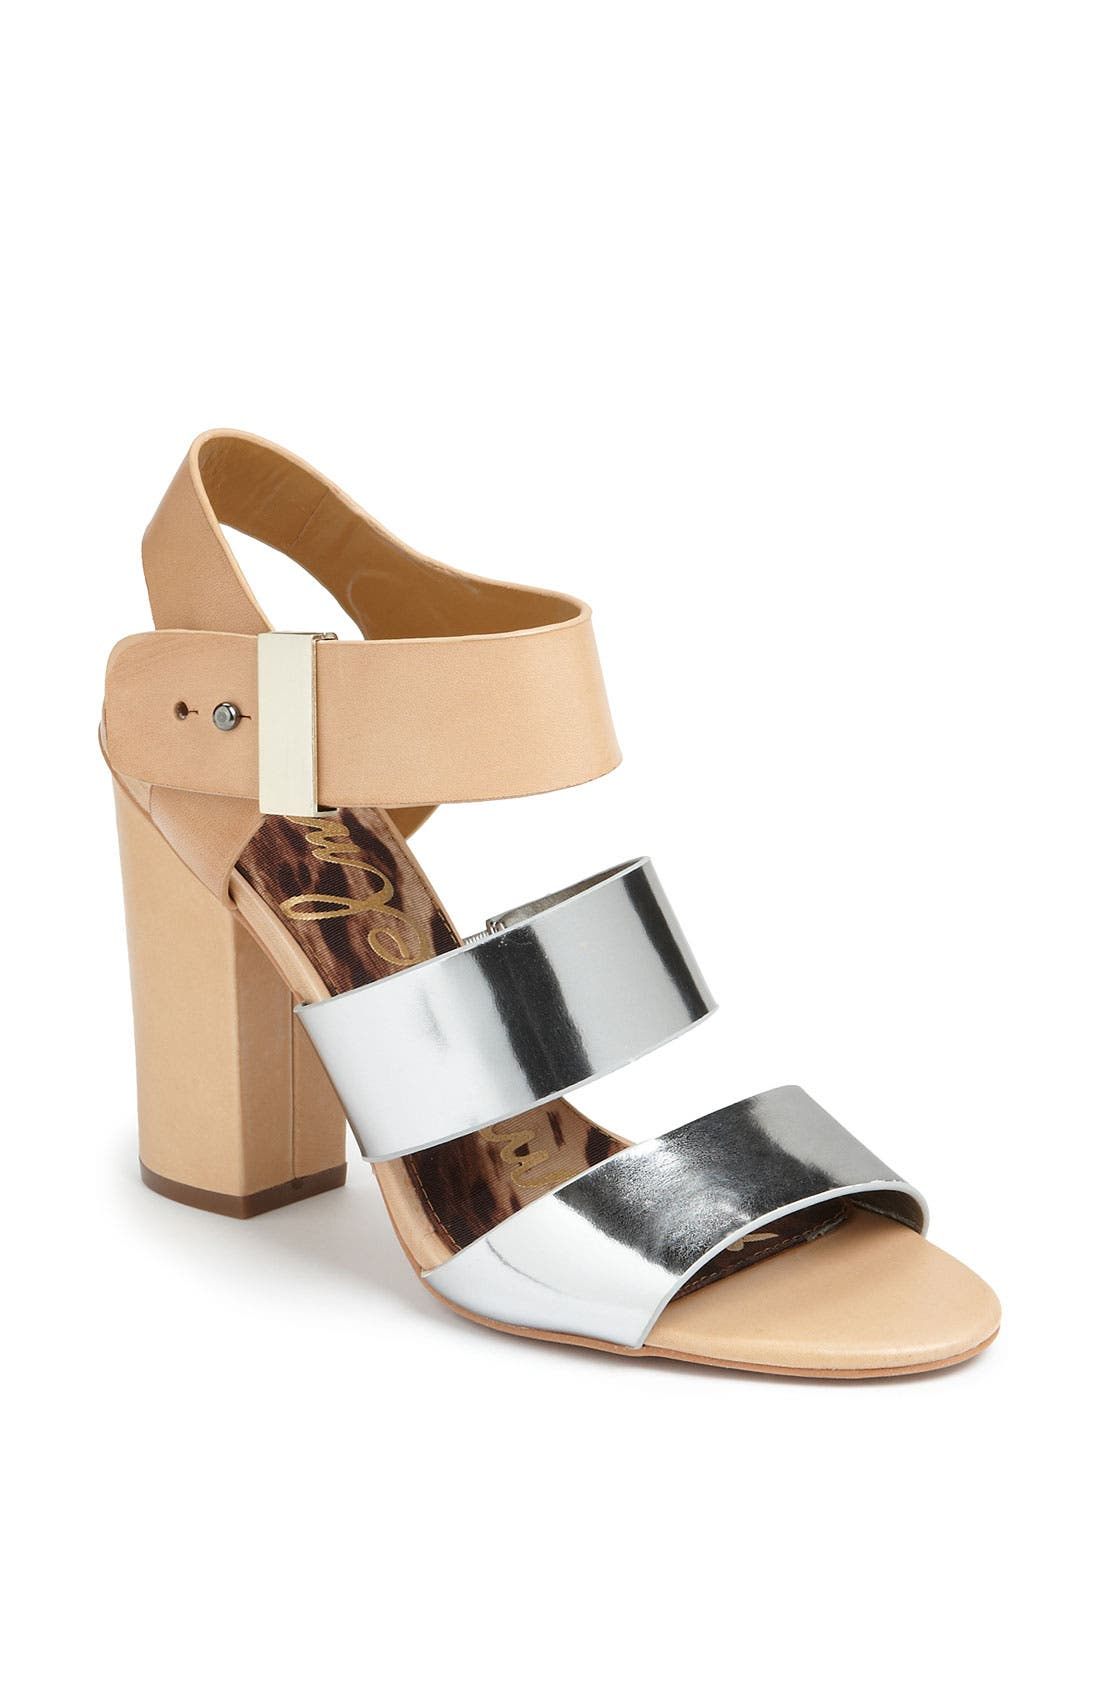 Main Image - Sam Edelman 'Yelena' Sandal